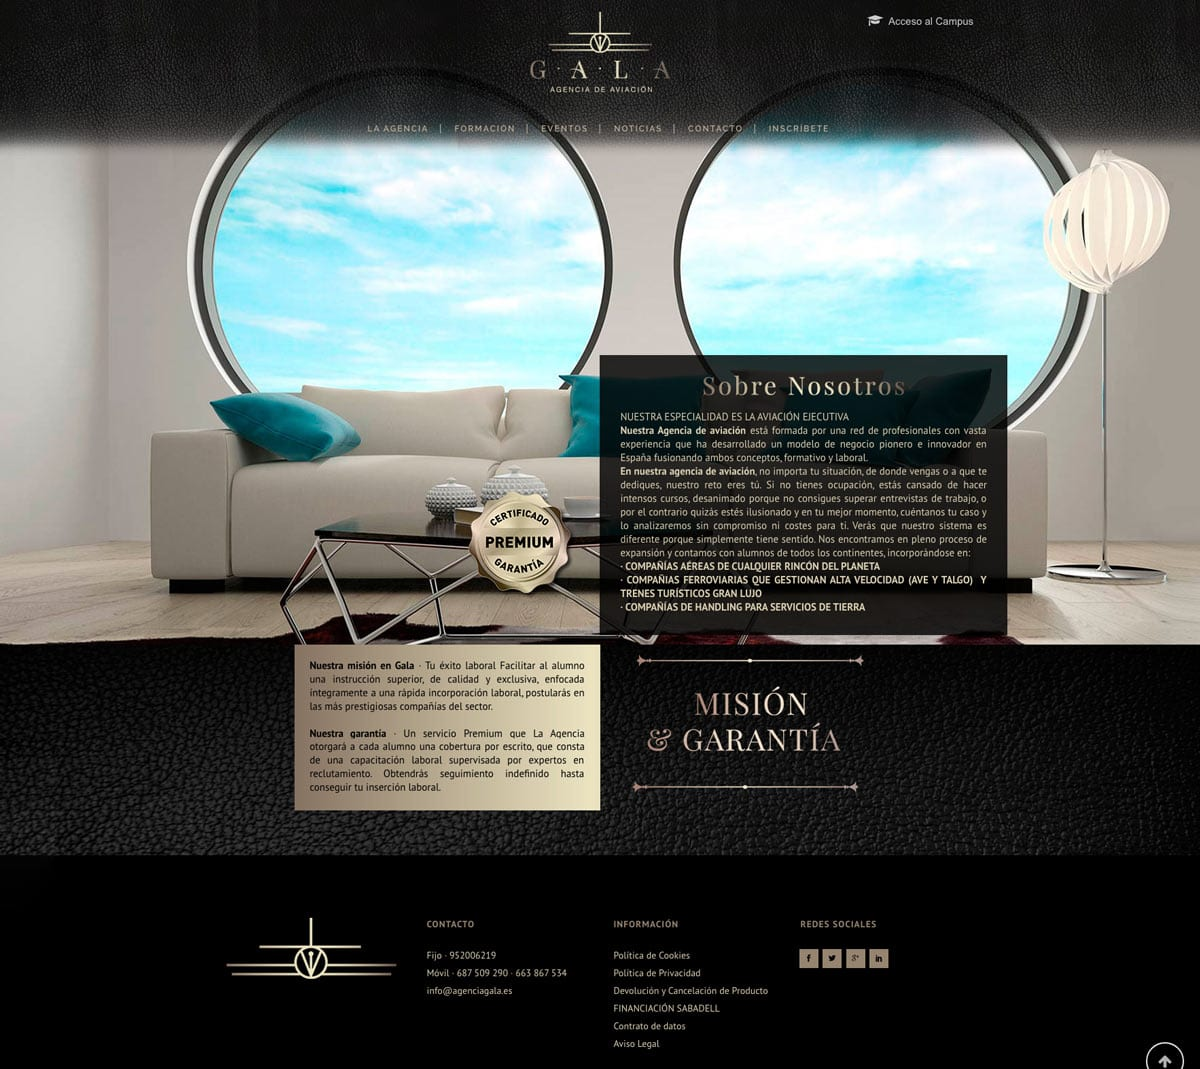 gala, aviación, Málaga, diseño web